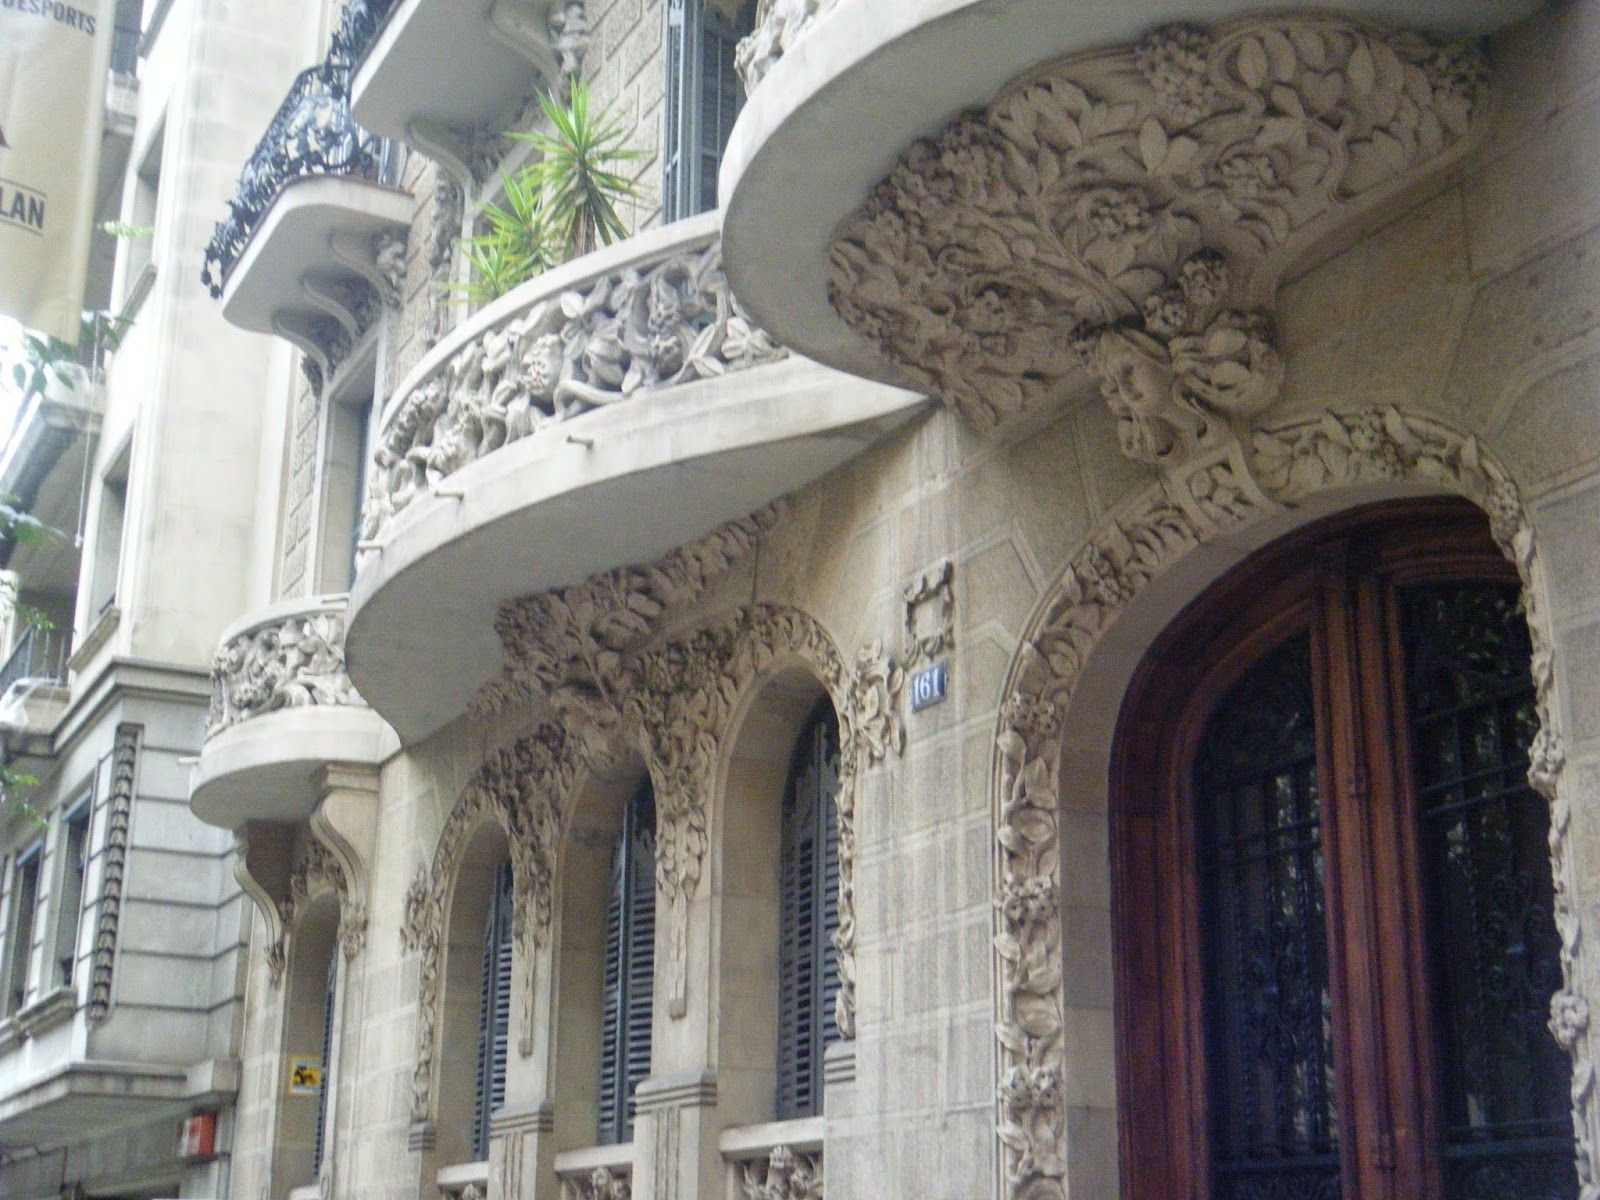 Bâtiment art nouveau, Barcelone